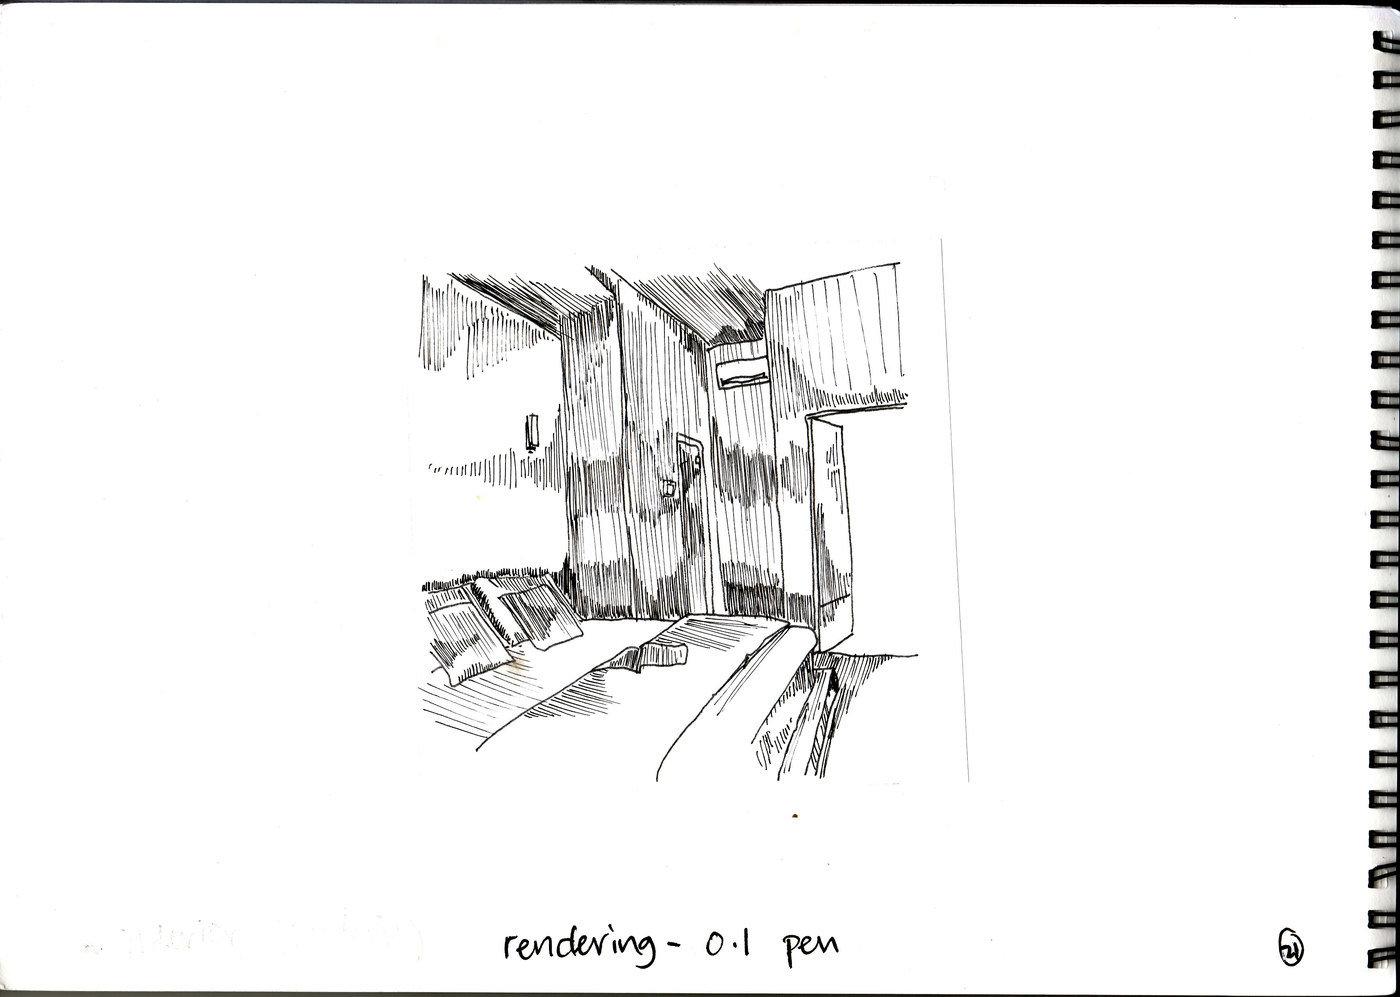 Sketches by Poh Chong Yuan at Coroflot.com